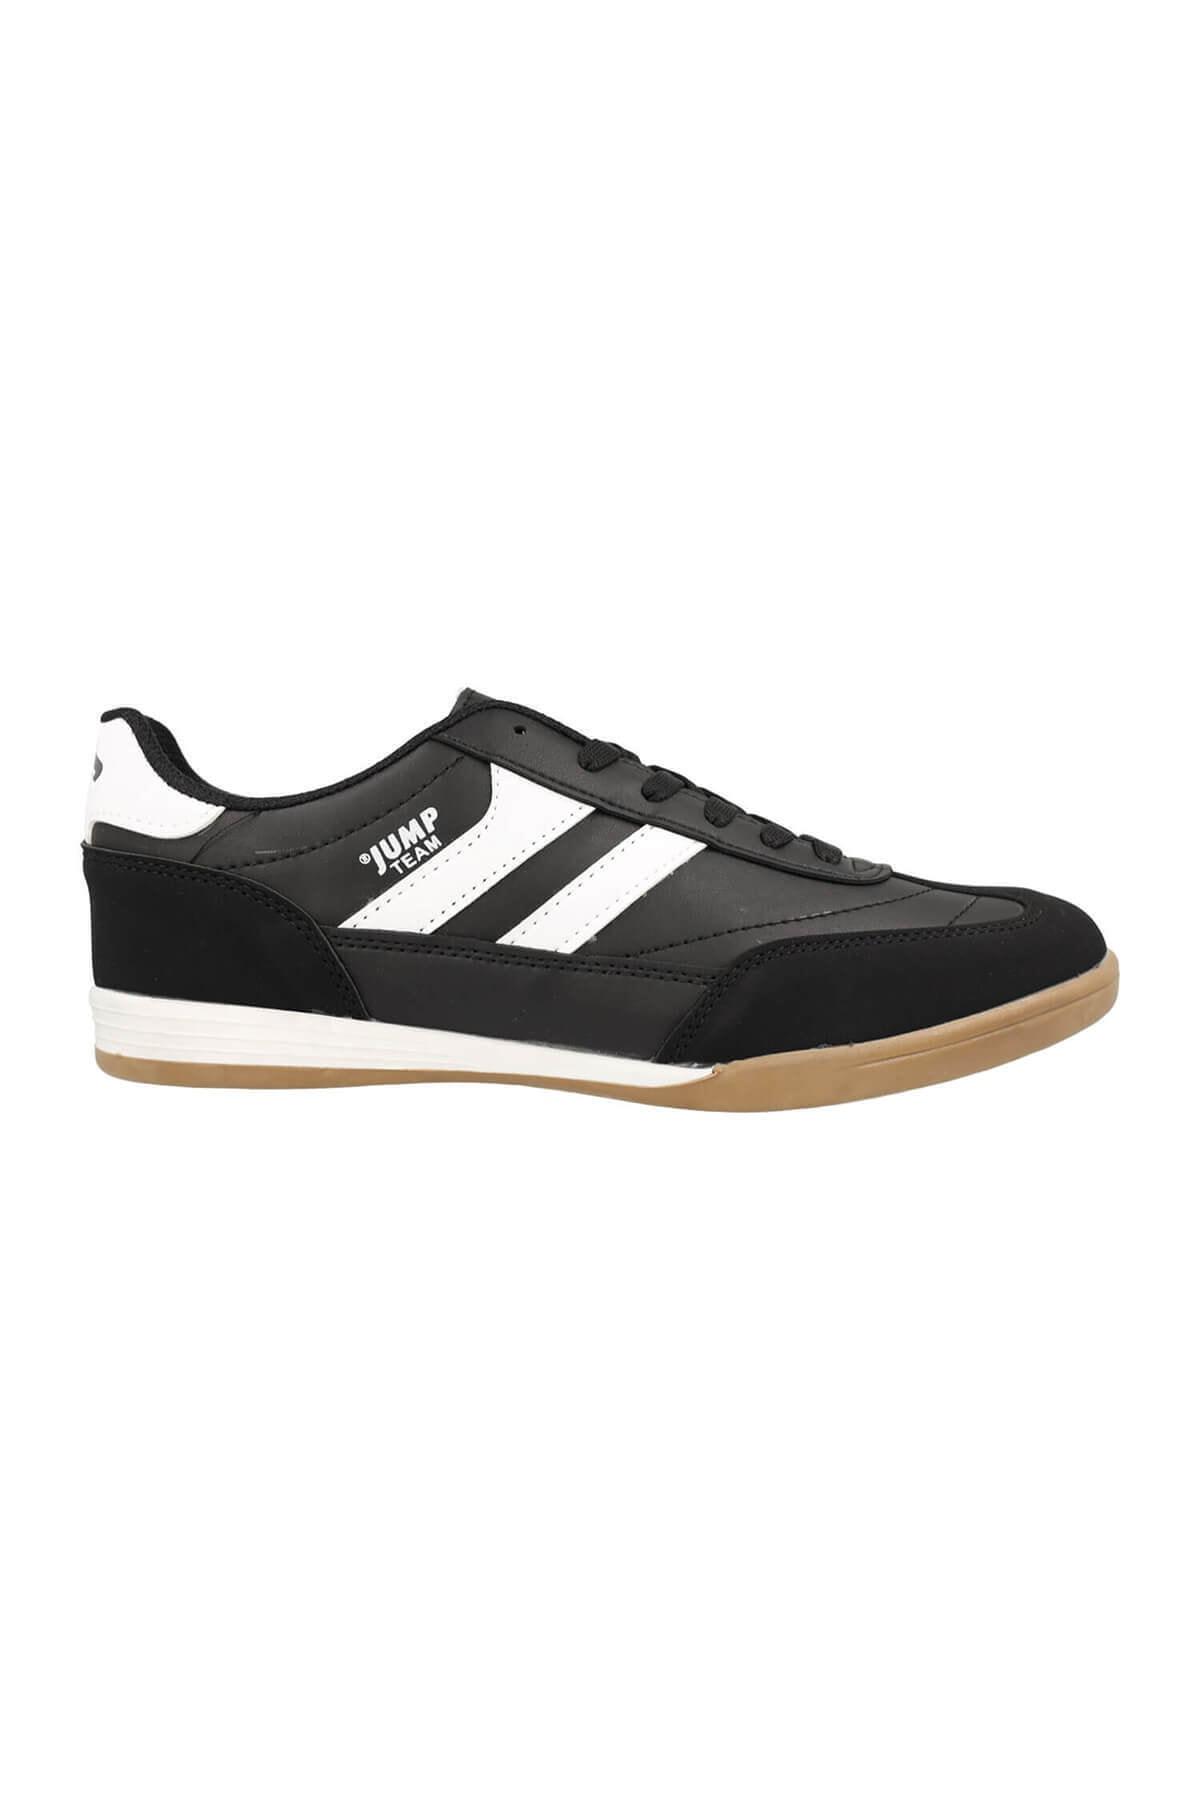 Erkek Salon Futbolu Ayakkabısı 18089 Siyah-beyaz 10s0418089